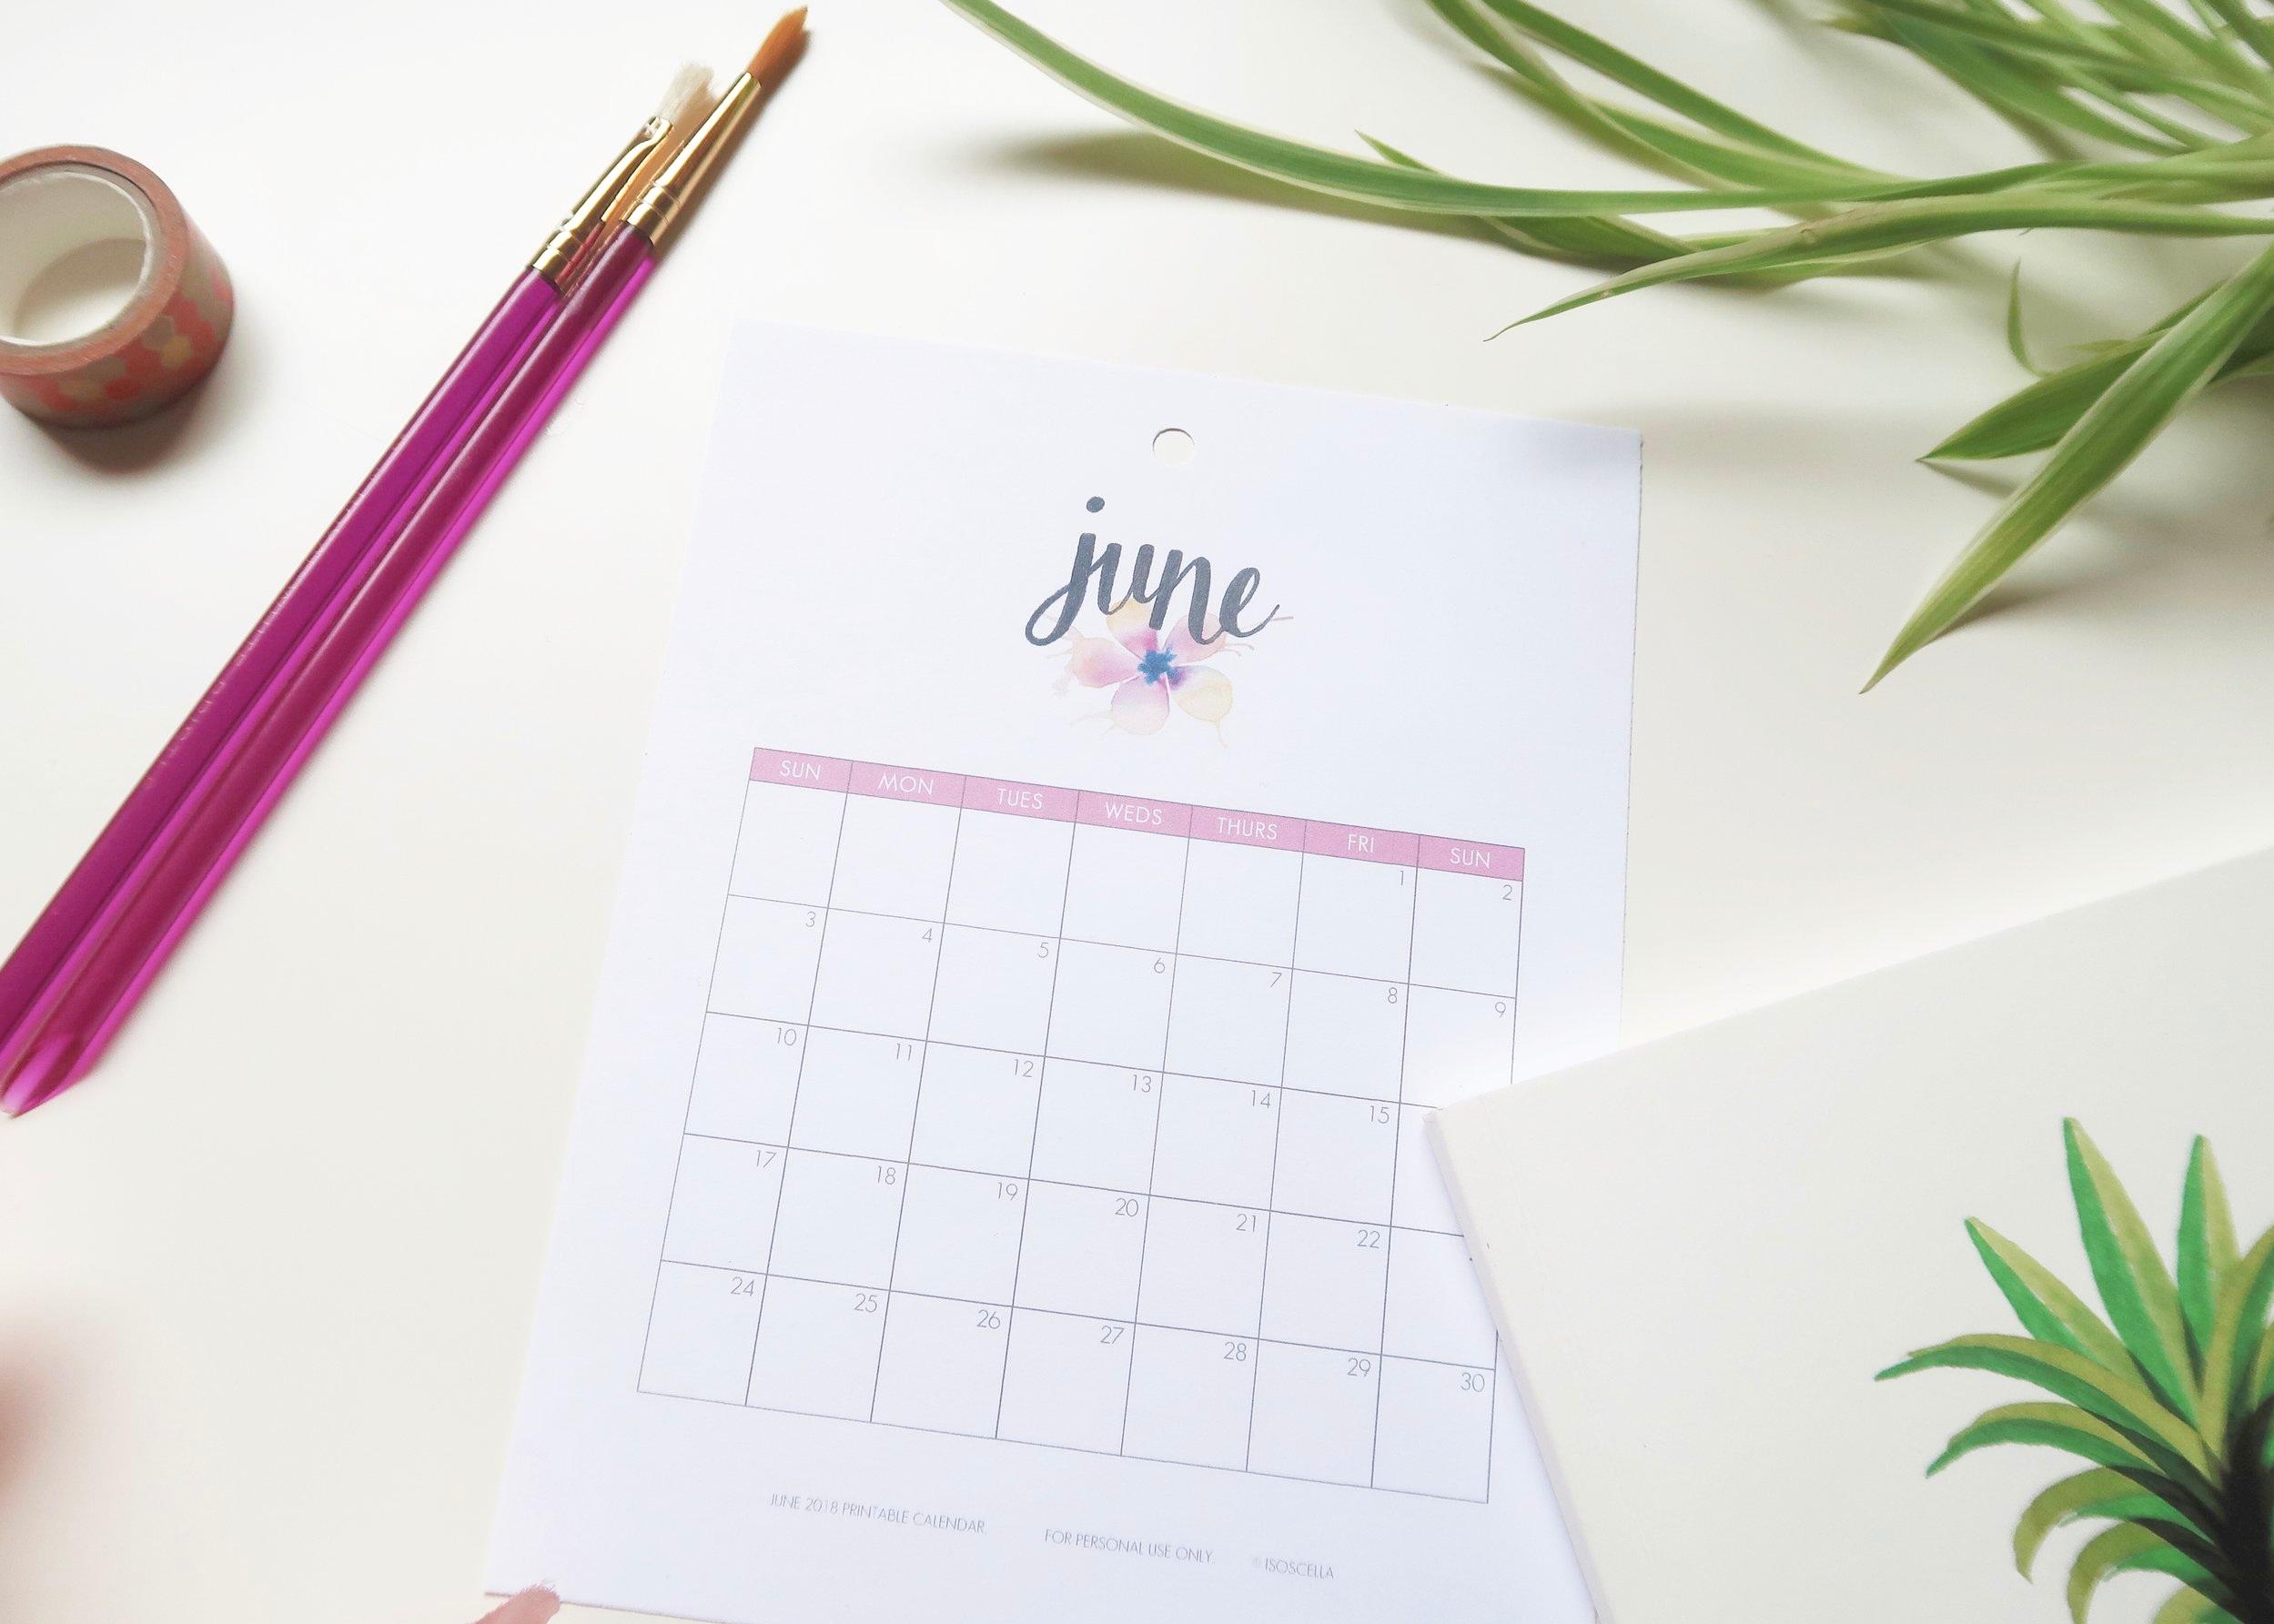 Printable 2019 Calendar by Isoscella